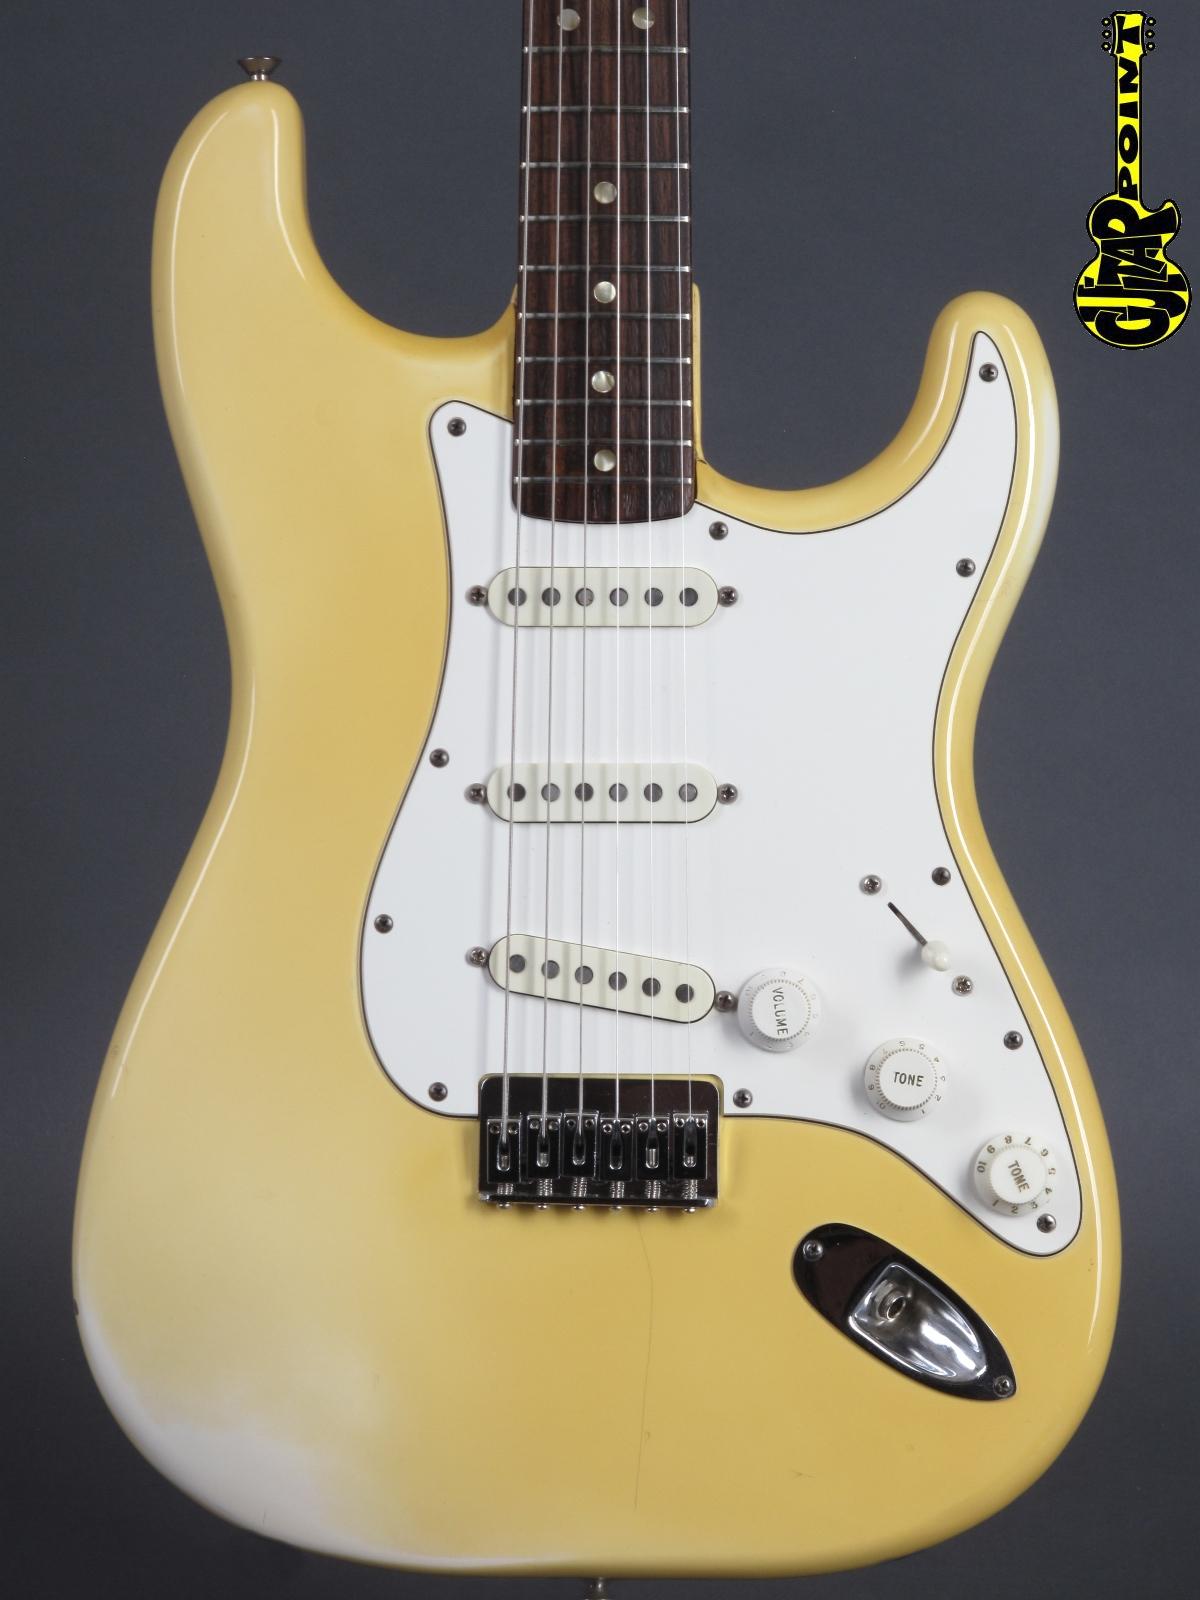 1978 Fender Stratocaster - Olympic White